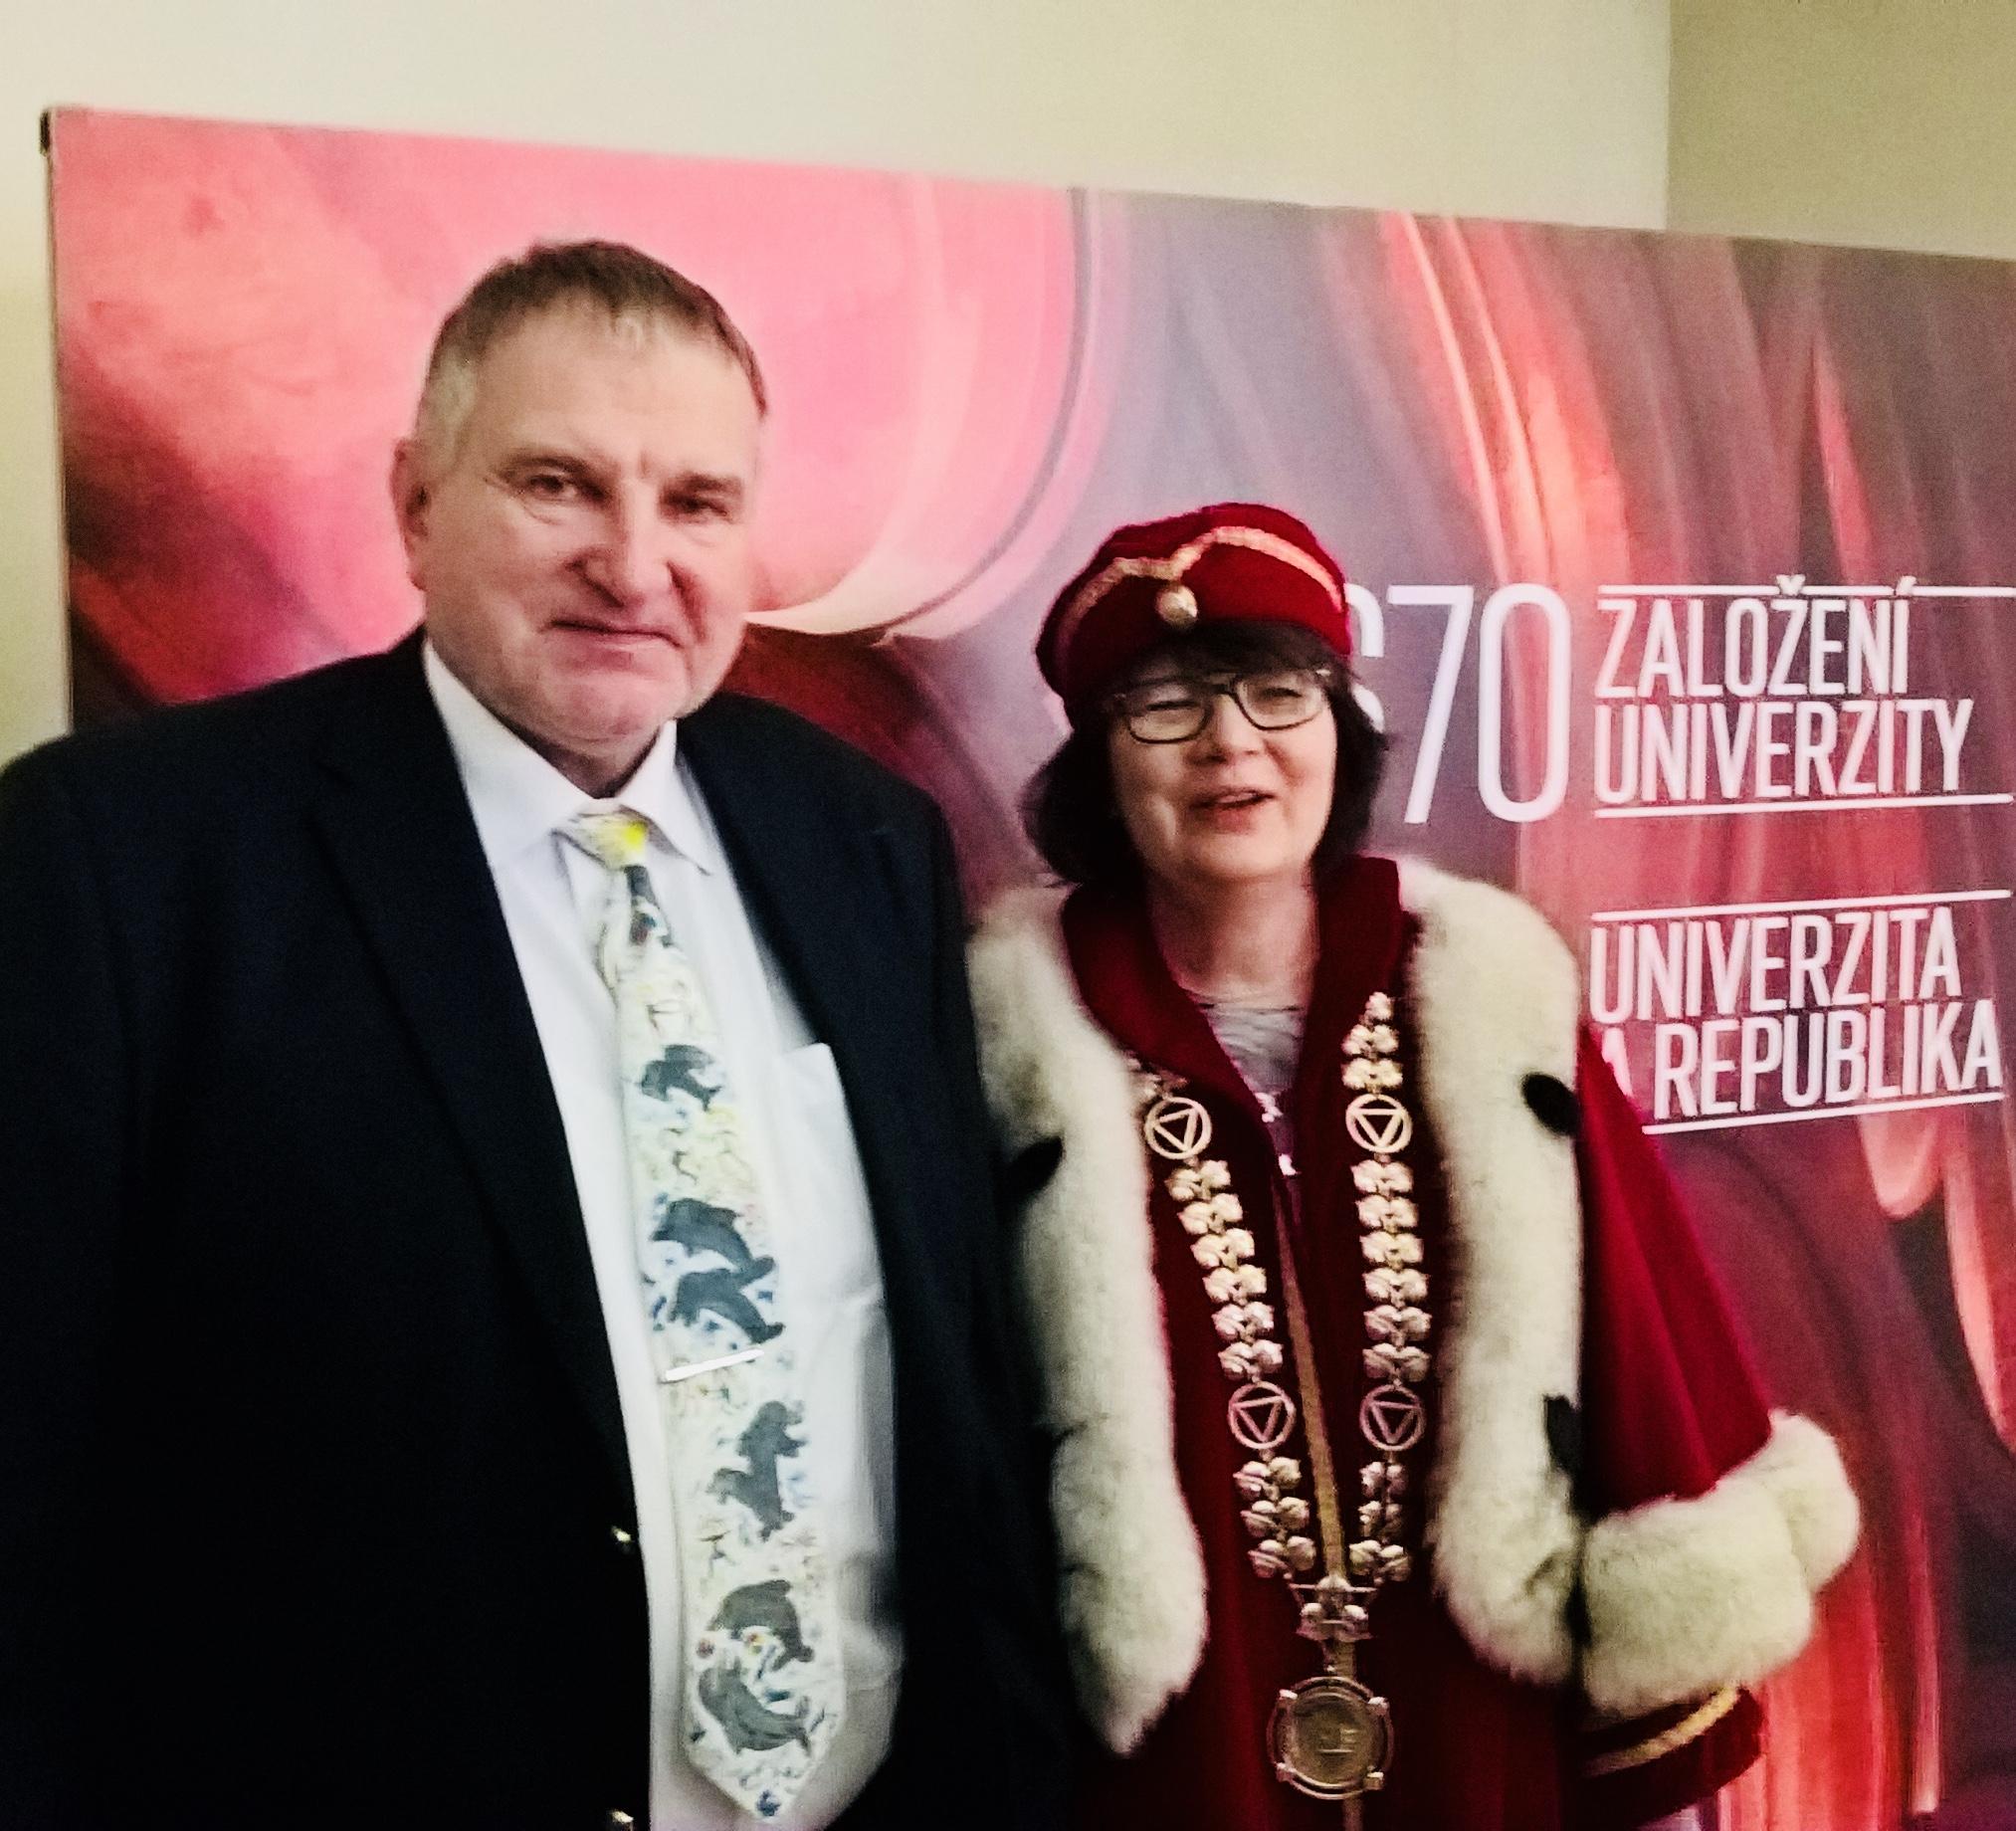 Luboš Smrčka byl dne 18. 12. 2018 v Karolinu jmenován profesorem